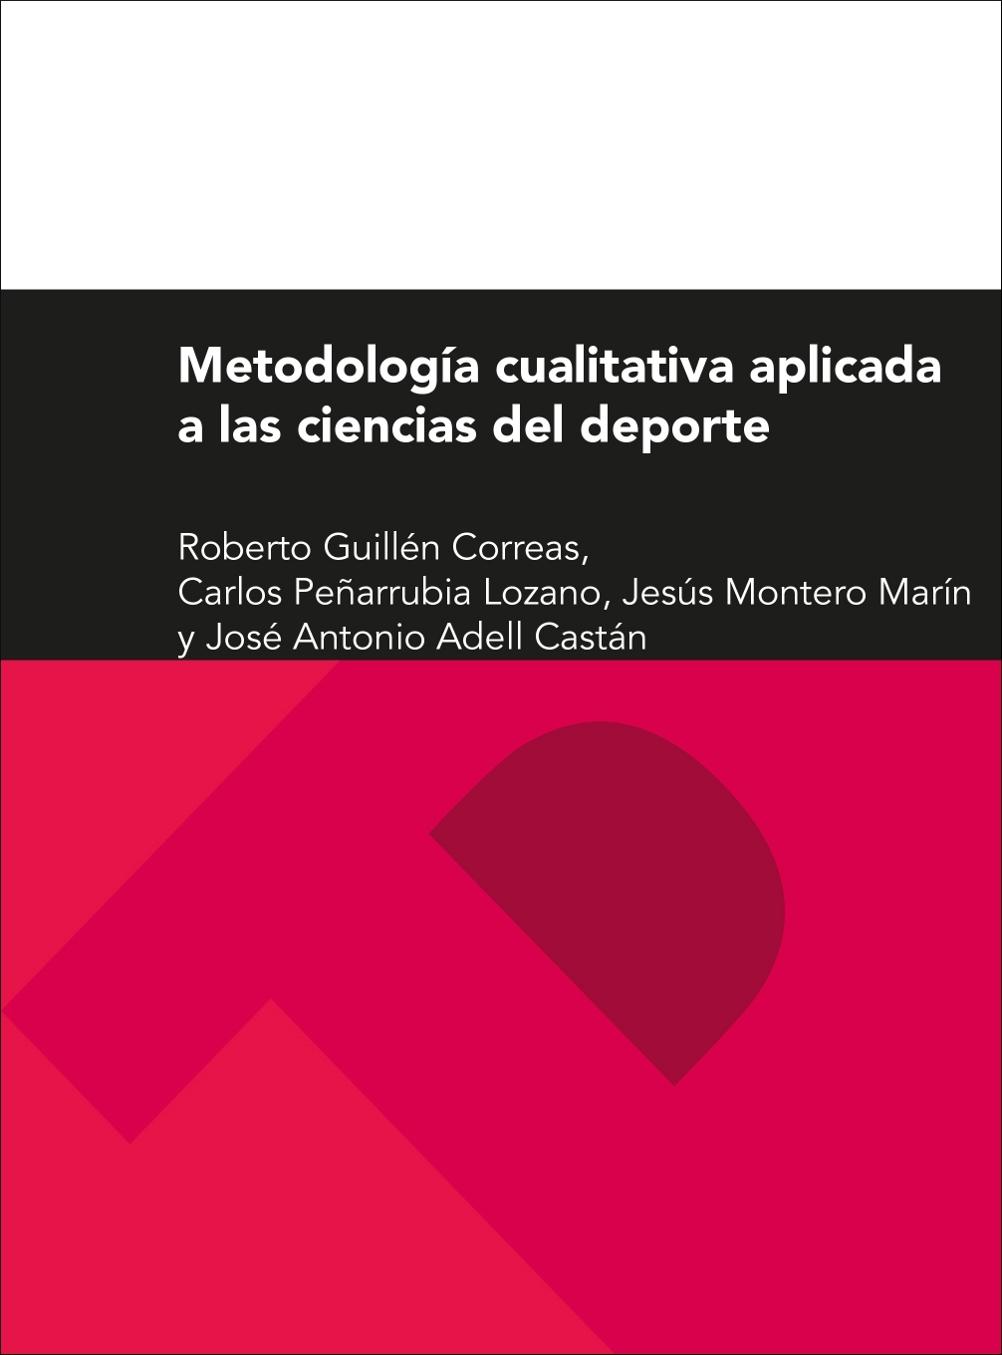 METODOLOGÍA CUALITATIVA APLICADA A LAS CIENCIAS DEL DEPORTE